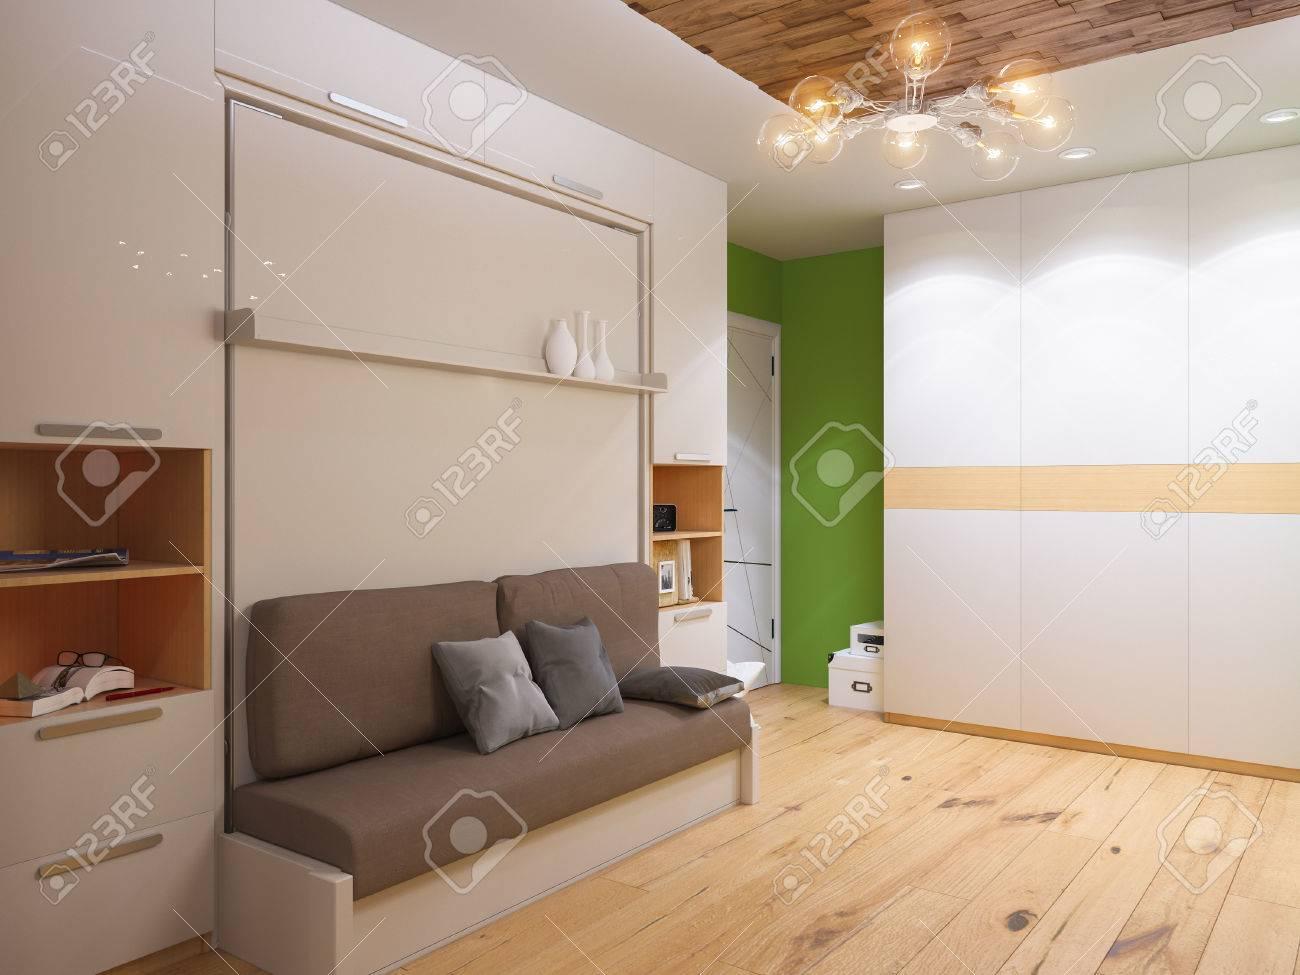 Soggiorno Letto | Camera Da Letto Centro Convenienza Home Design ...